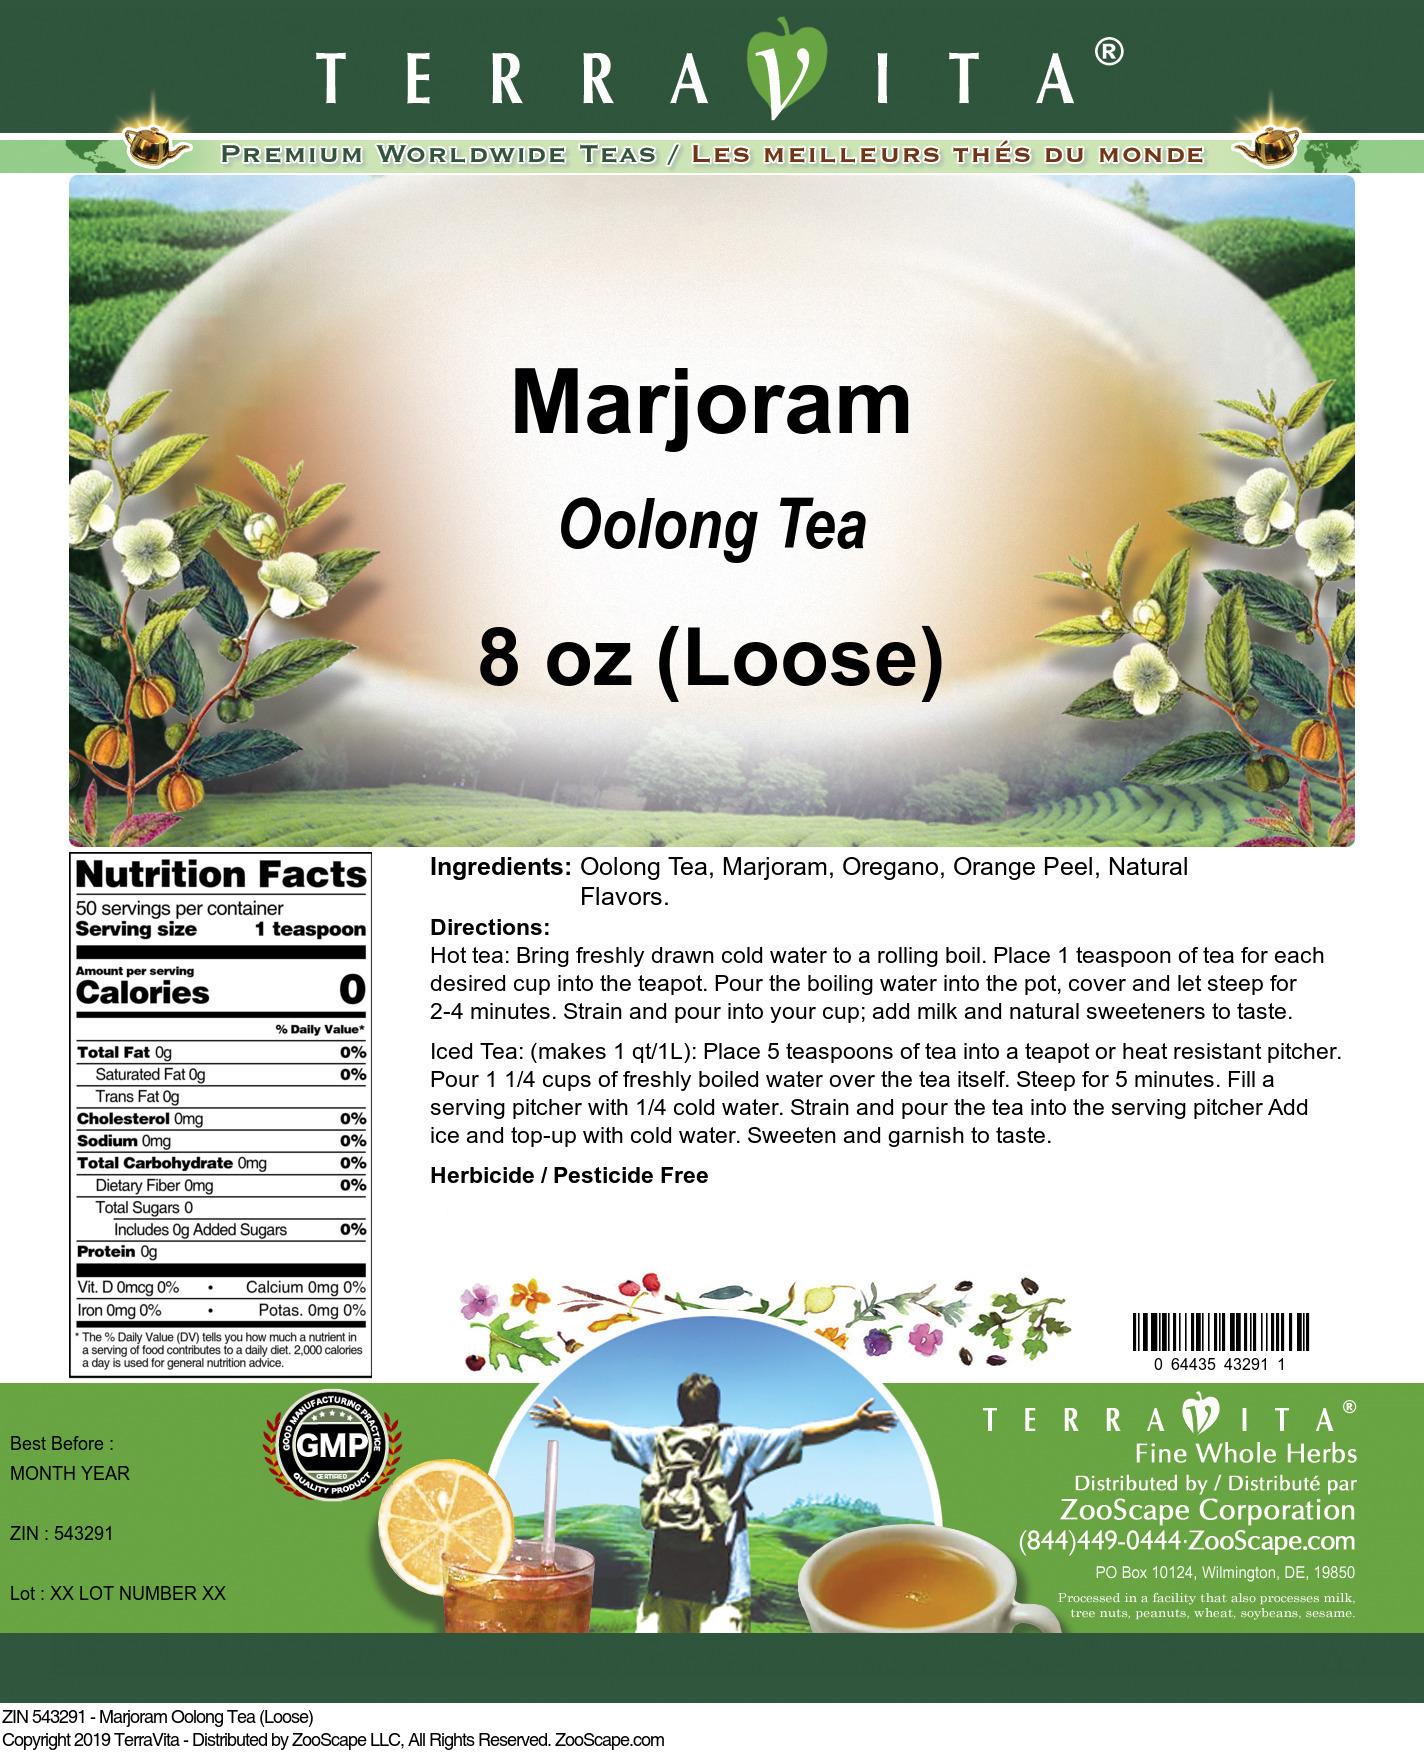 Marjoram Oolong Tea